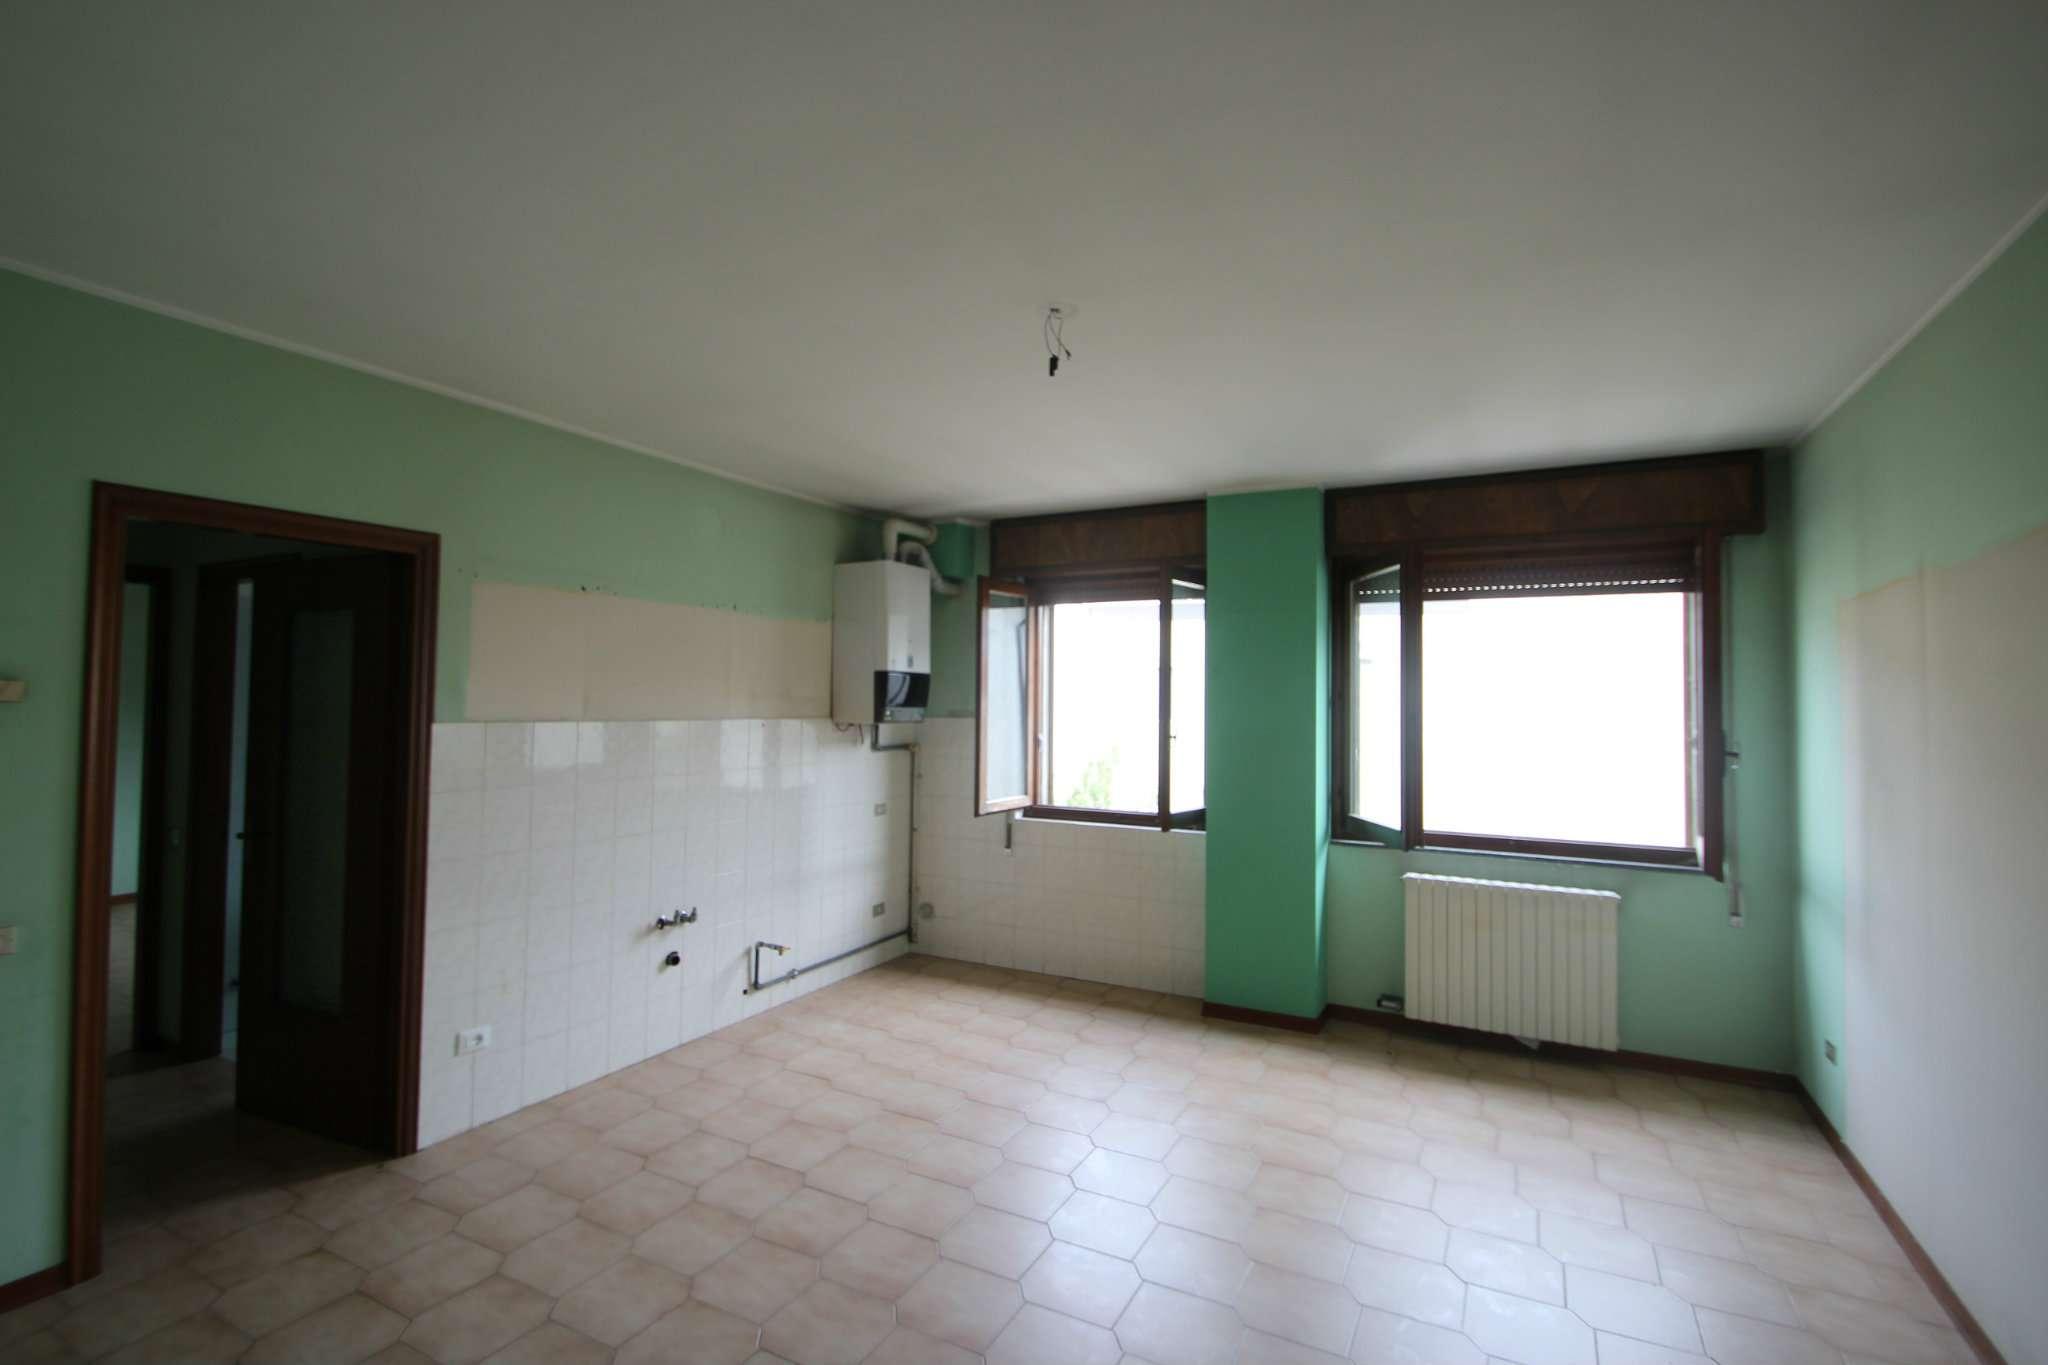 Appartamento in vendita a Cividate al Piano, 2 locali, prezzo € 33.000 | PortaleAgenzieImmobiliari.it